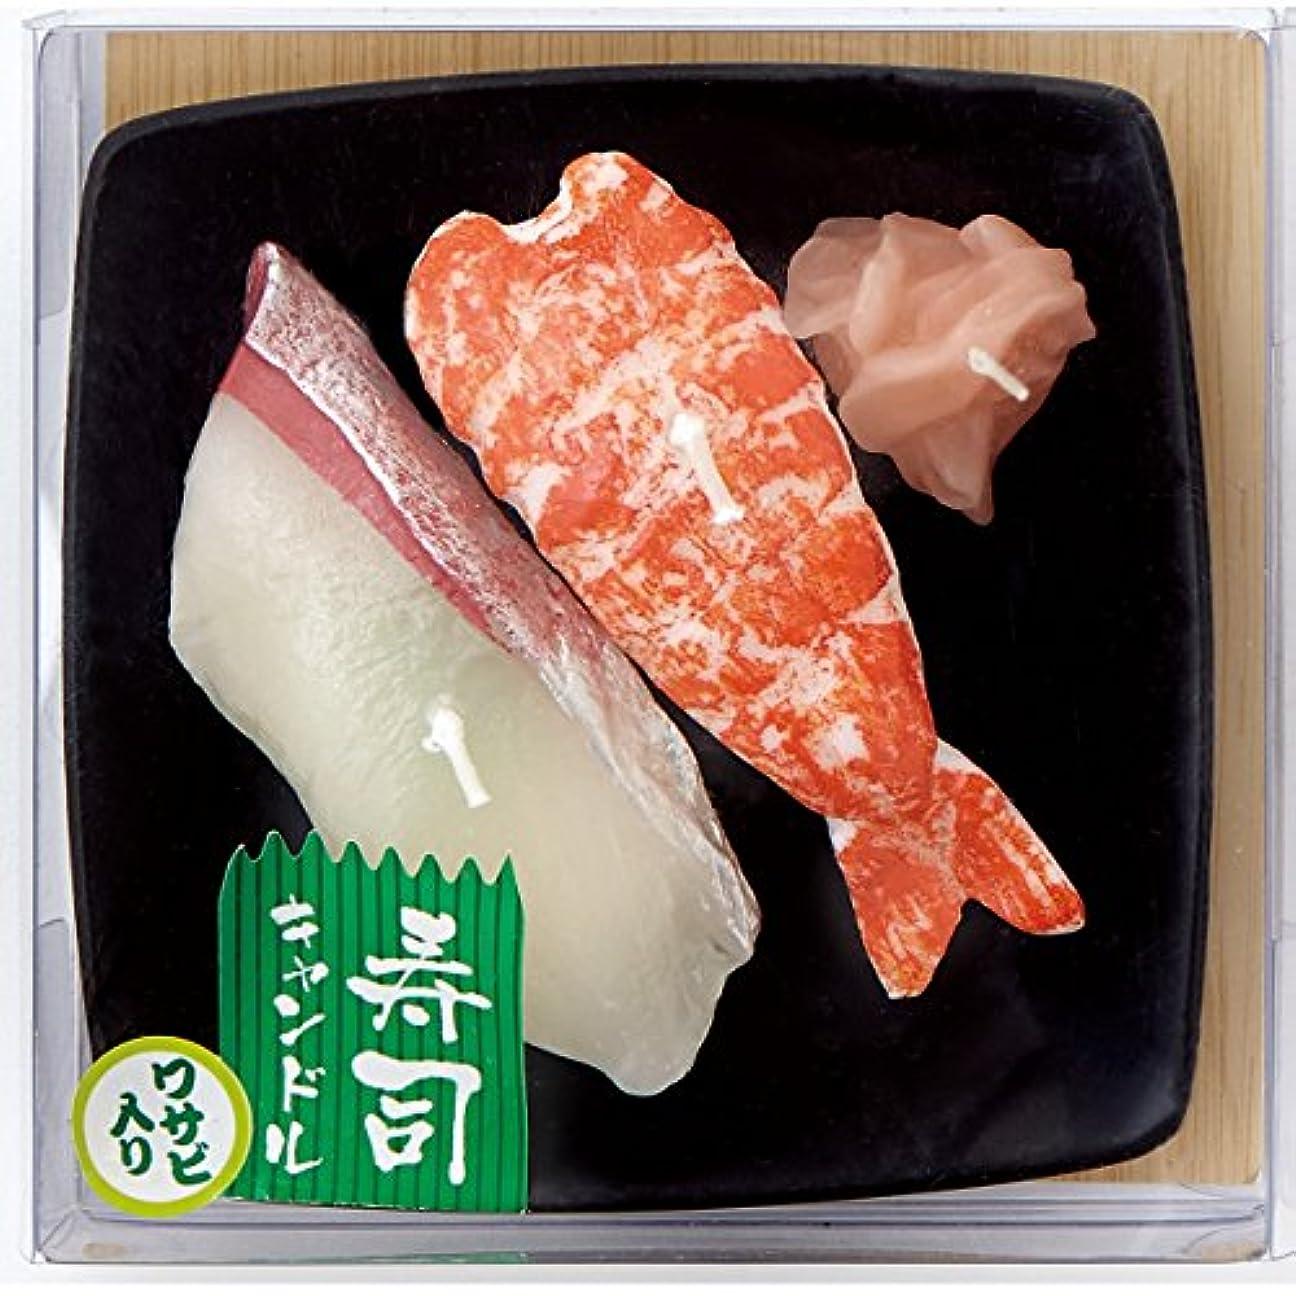 ハイライト埋めるパック寿司キャンドル B(エビ?ハマチ) サビ入